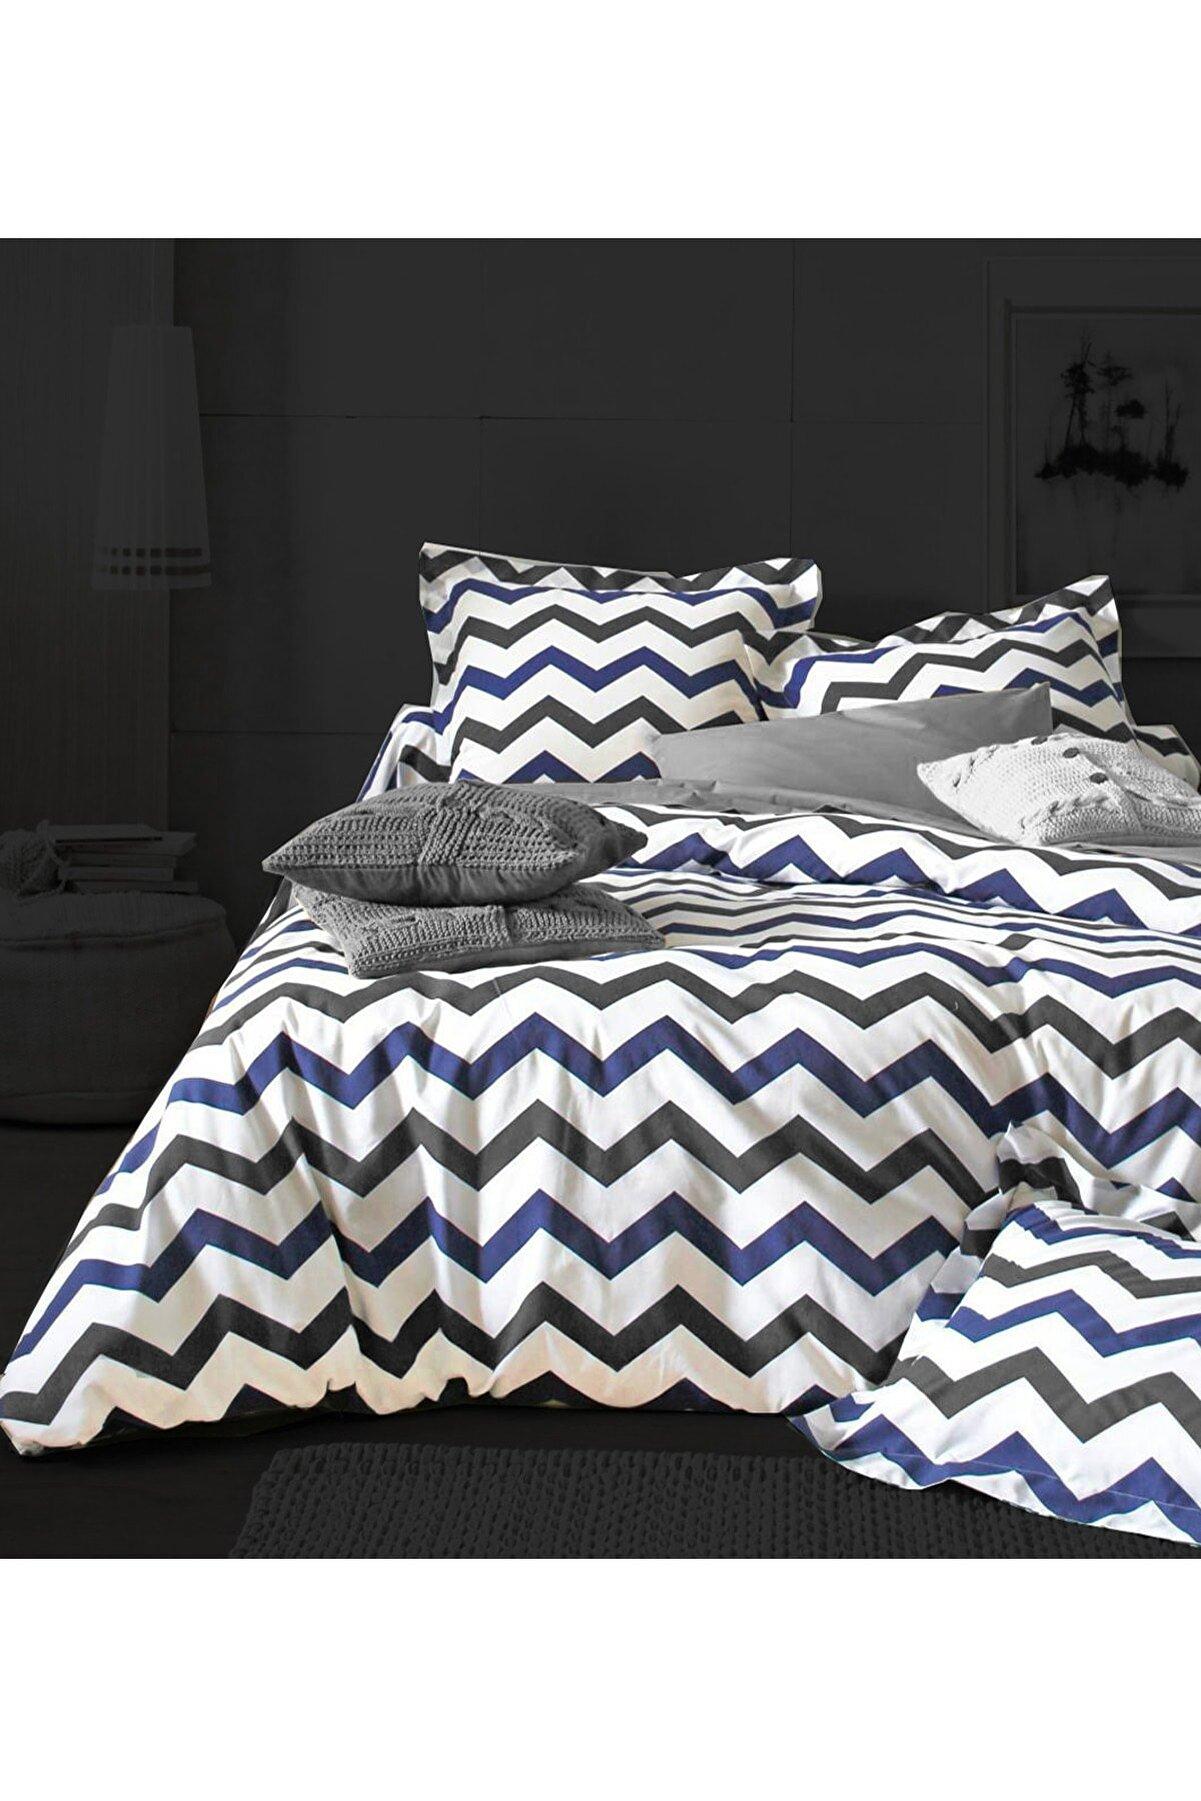 ALAMODE Doğal Pamuk Çift Kişilik Nevresim Takımı Mavi Zigzag -320560666